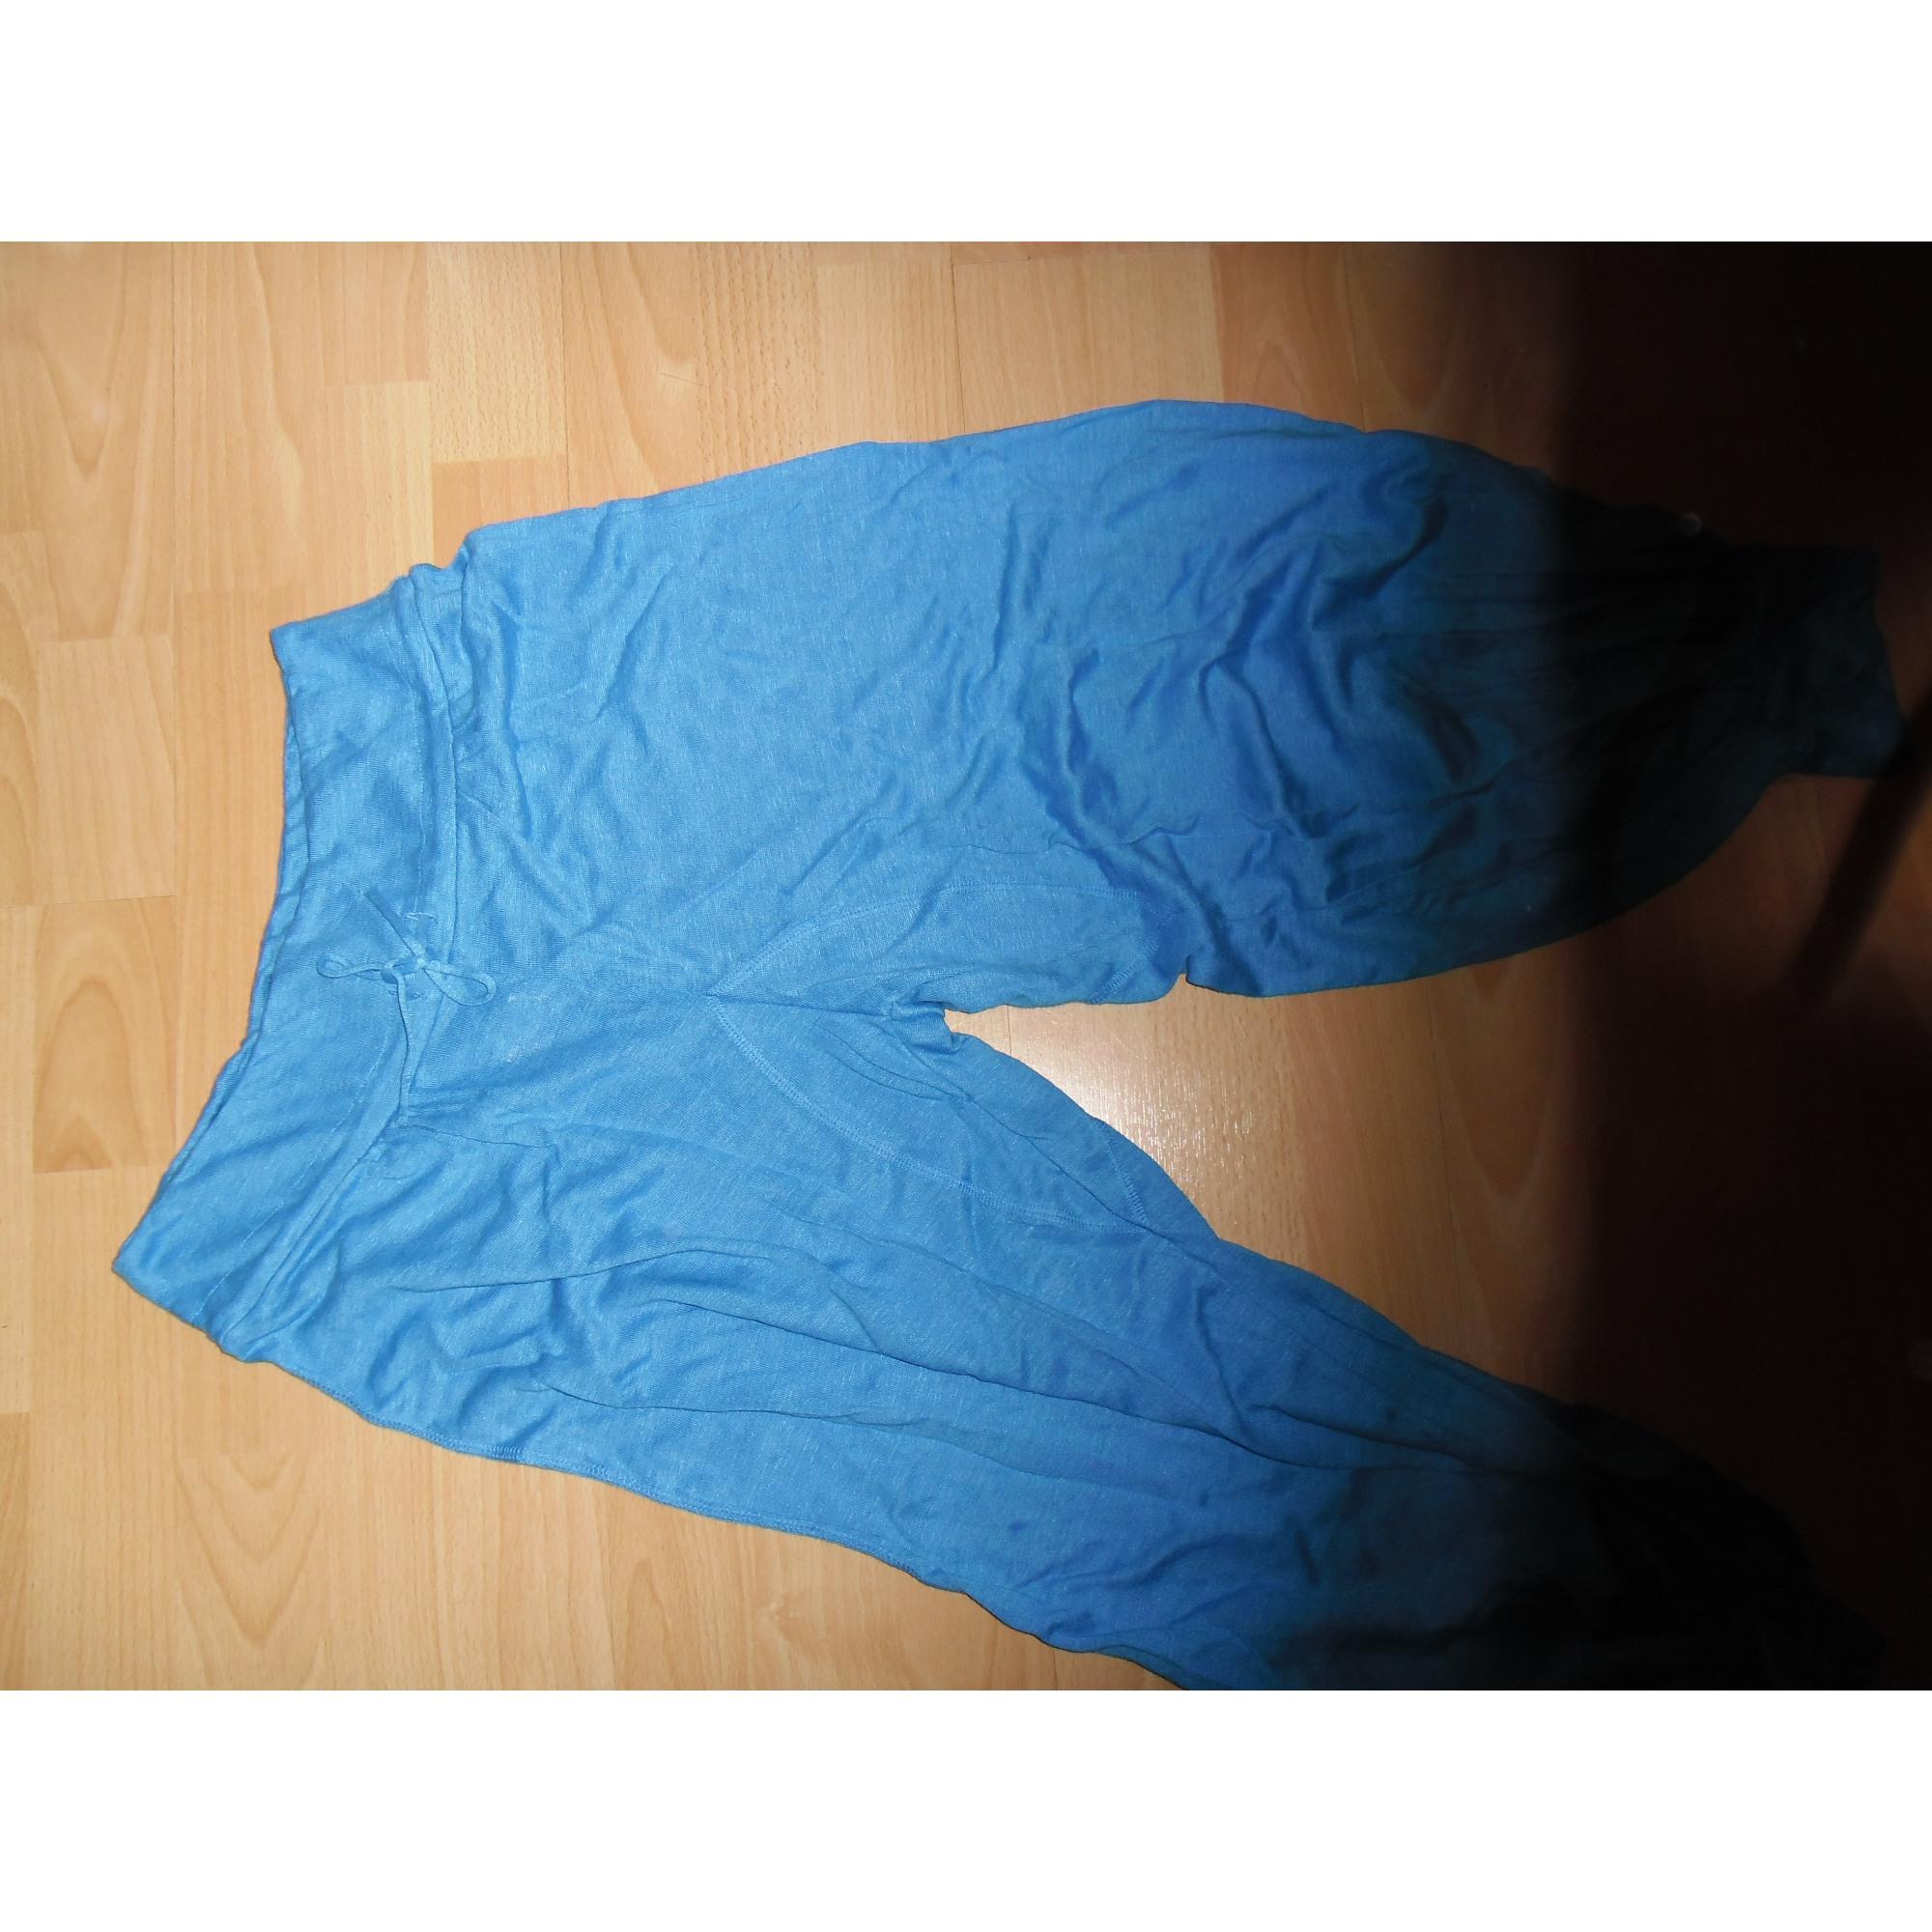 Sarouel PETIT BATEAU Bleu, bleu marine, bleu turquoise